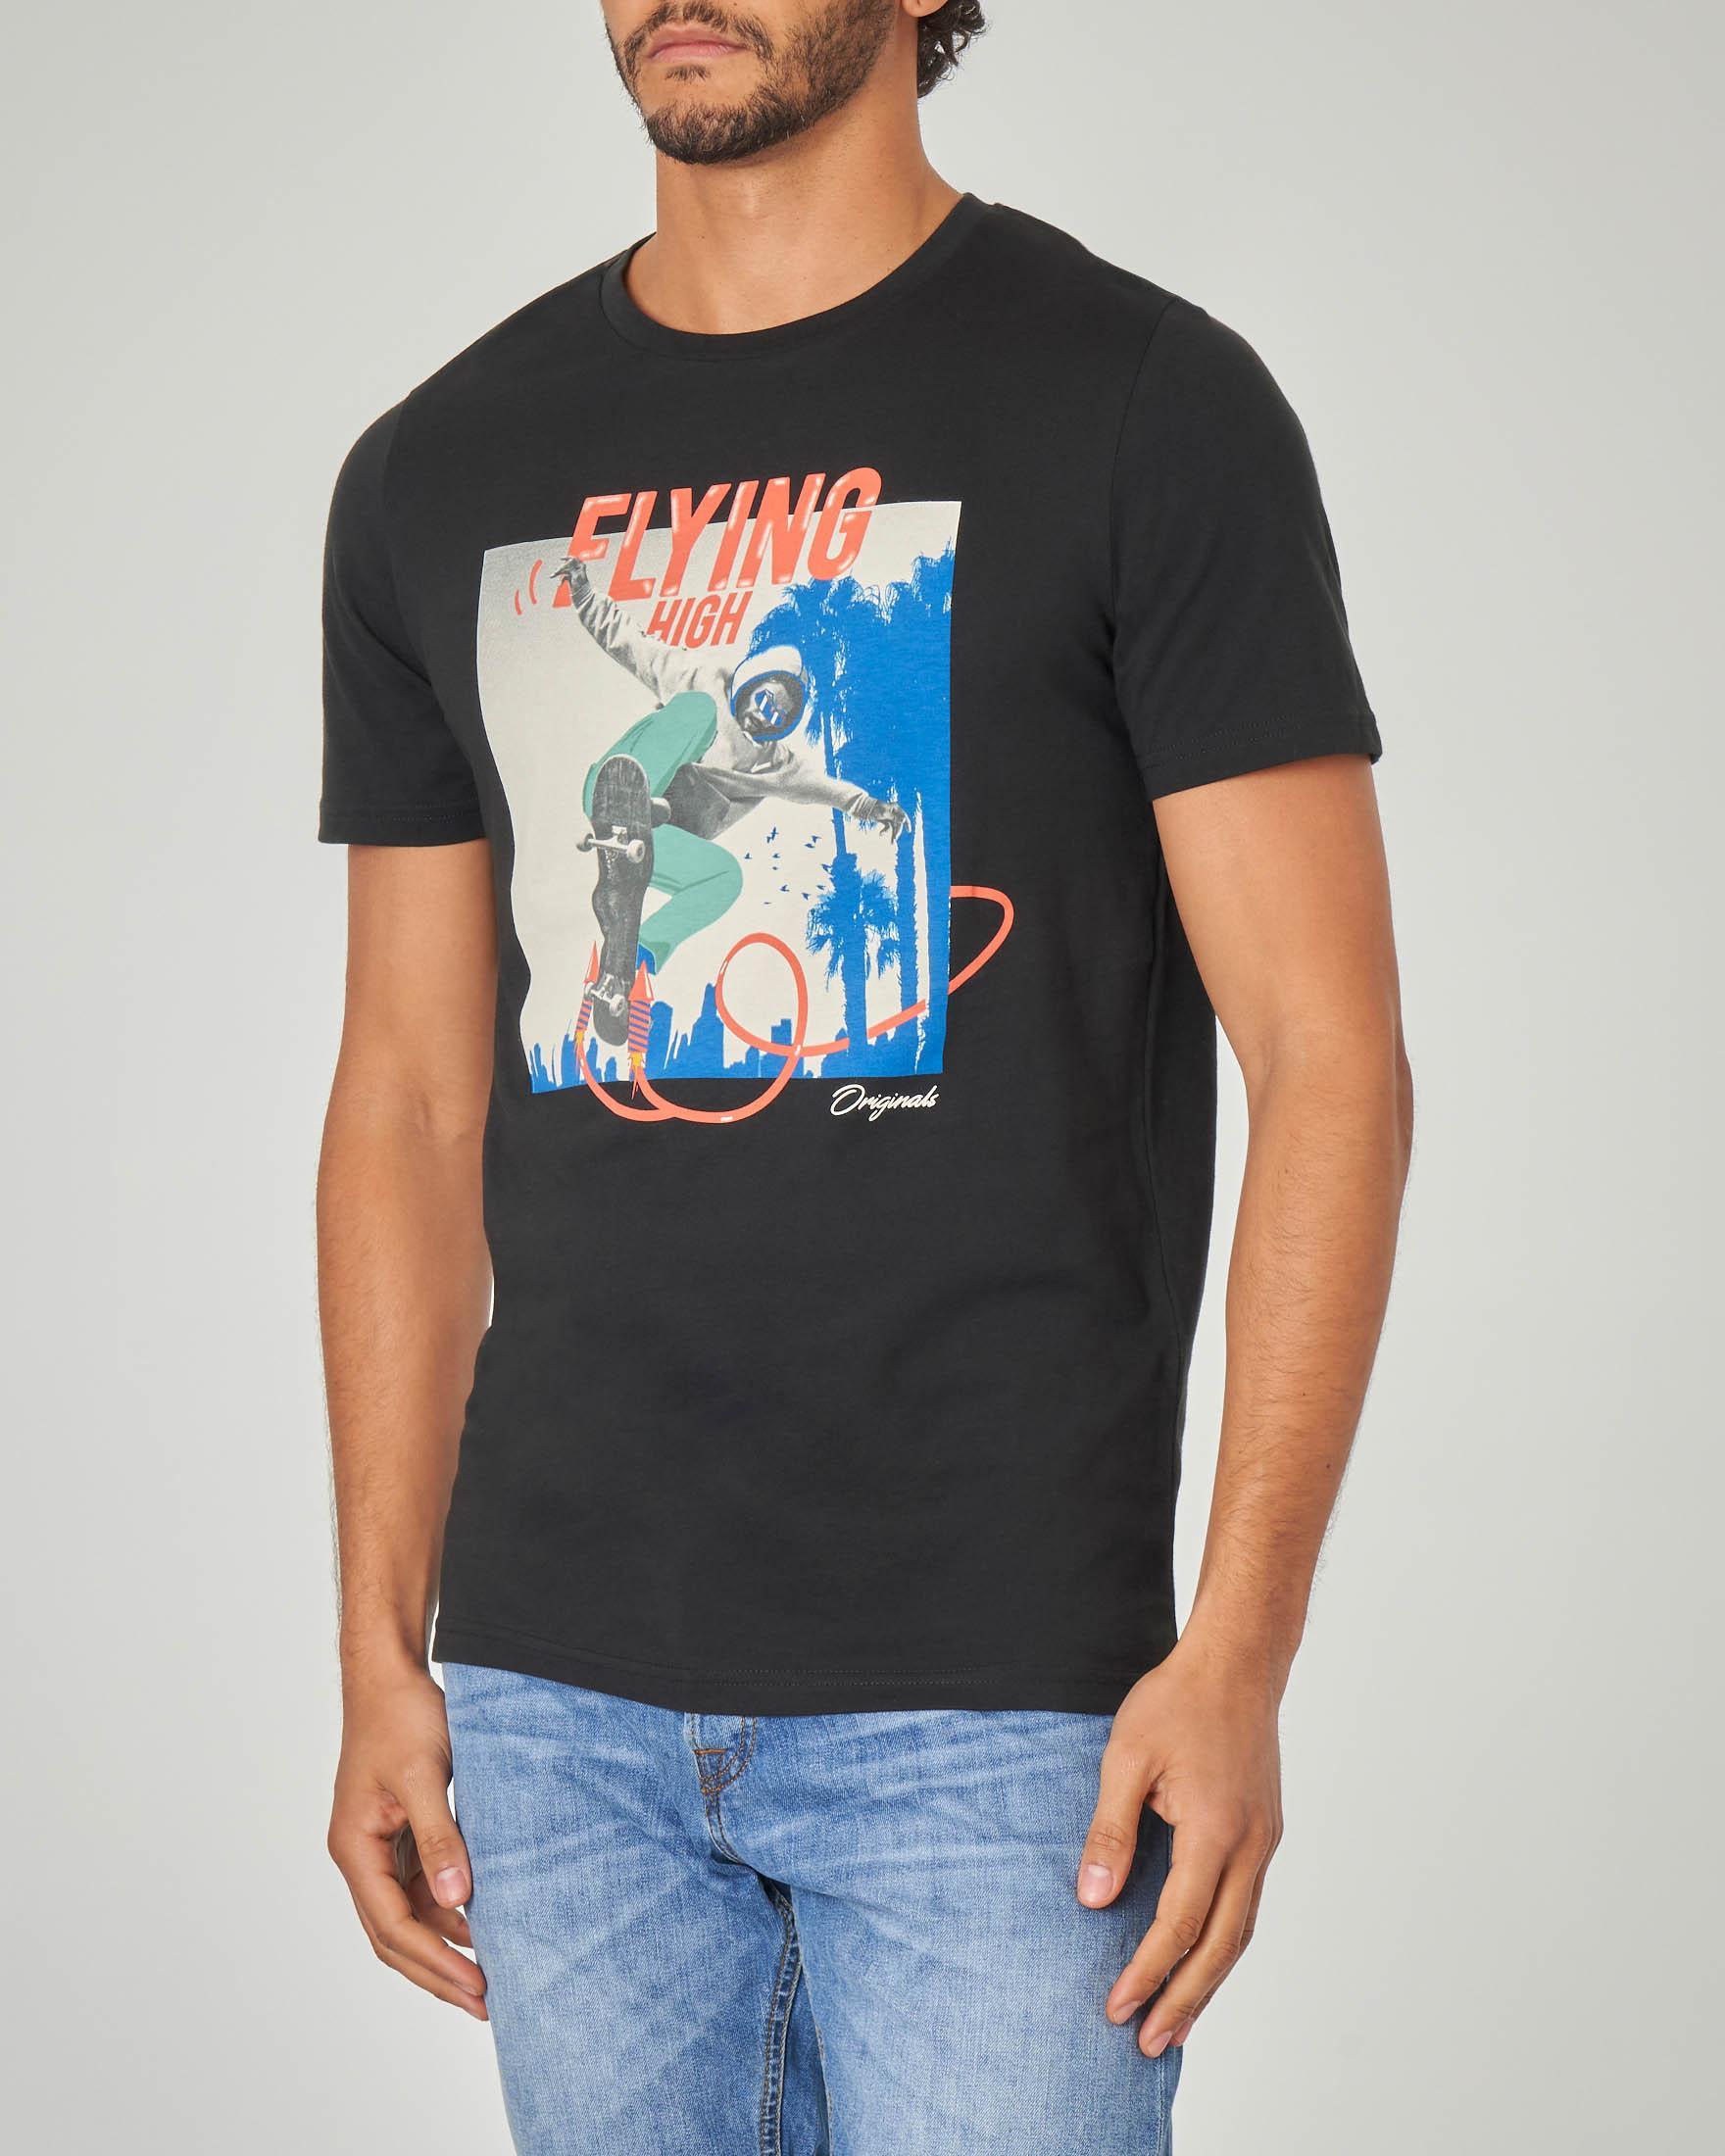 T-shirt nera con stampa pop art